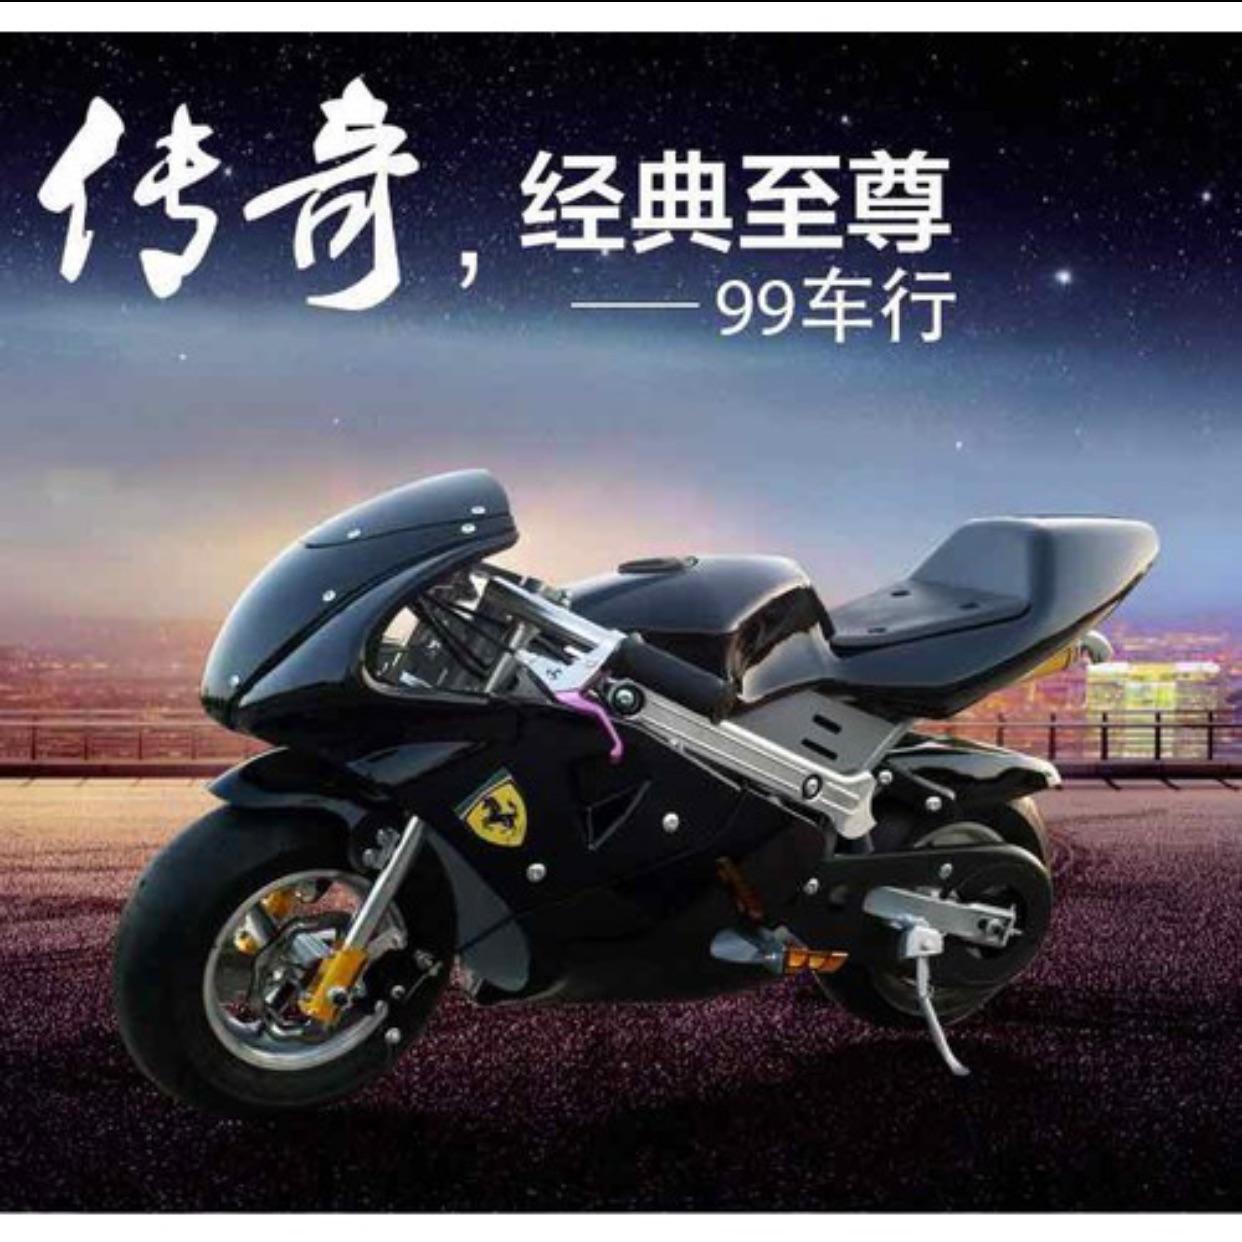 Giá bán Moto con 50cc xăng pha nhớt